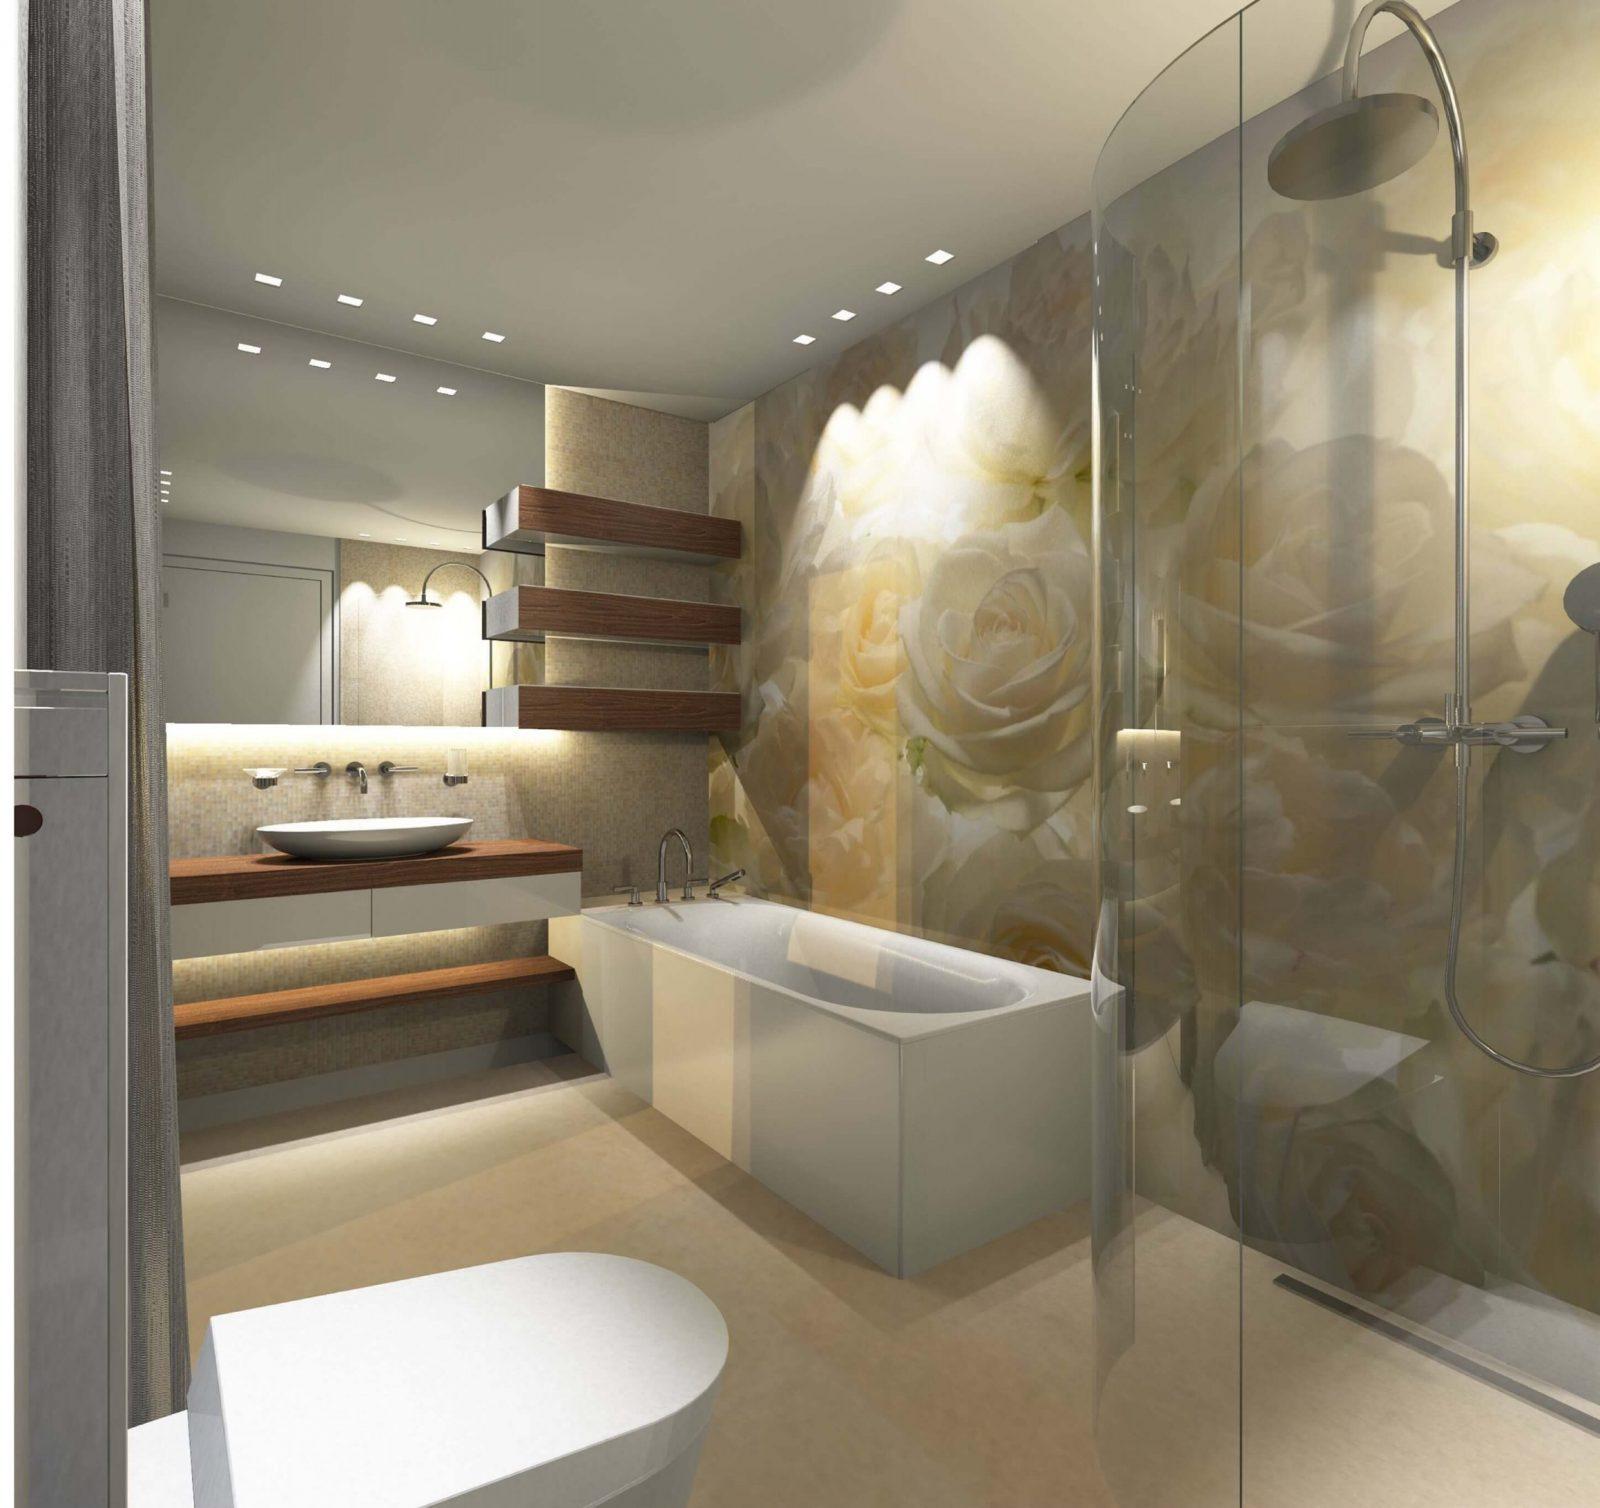 Badplanung 2018 Funktionalität Und Design Luxuriös Kombiniert von Badezimmer 4 Qm Ideen Bild